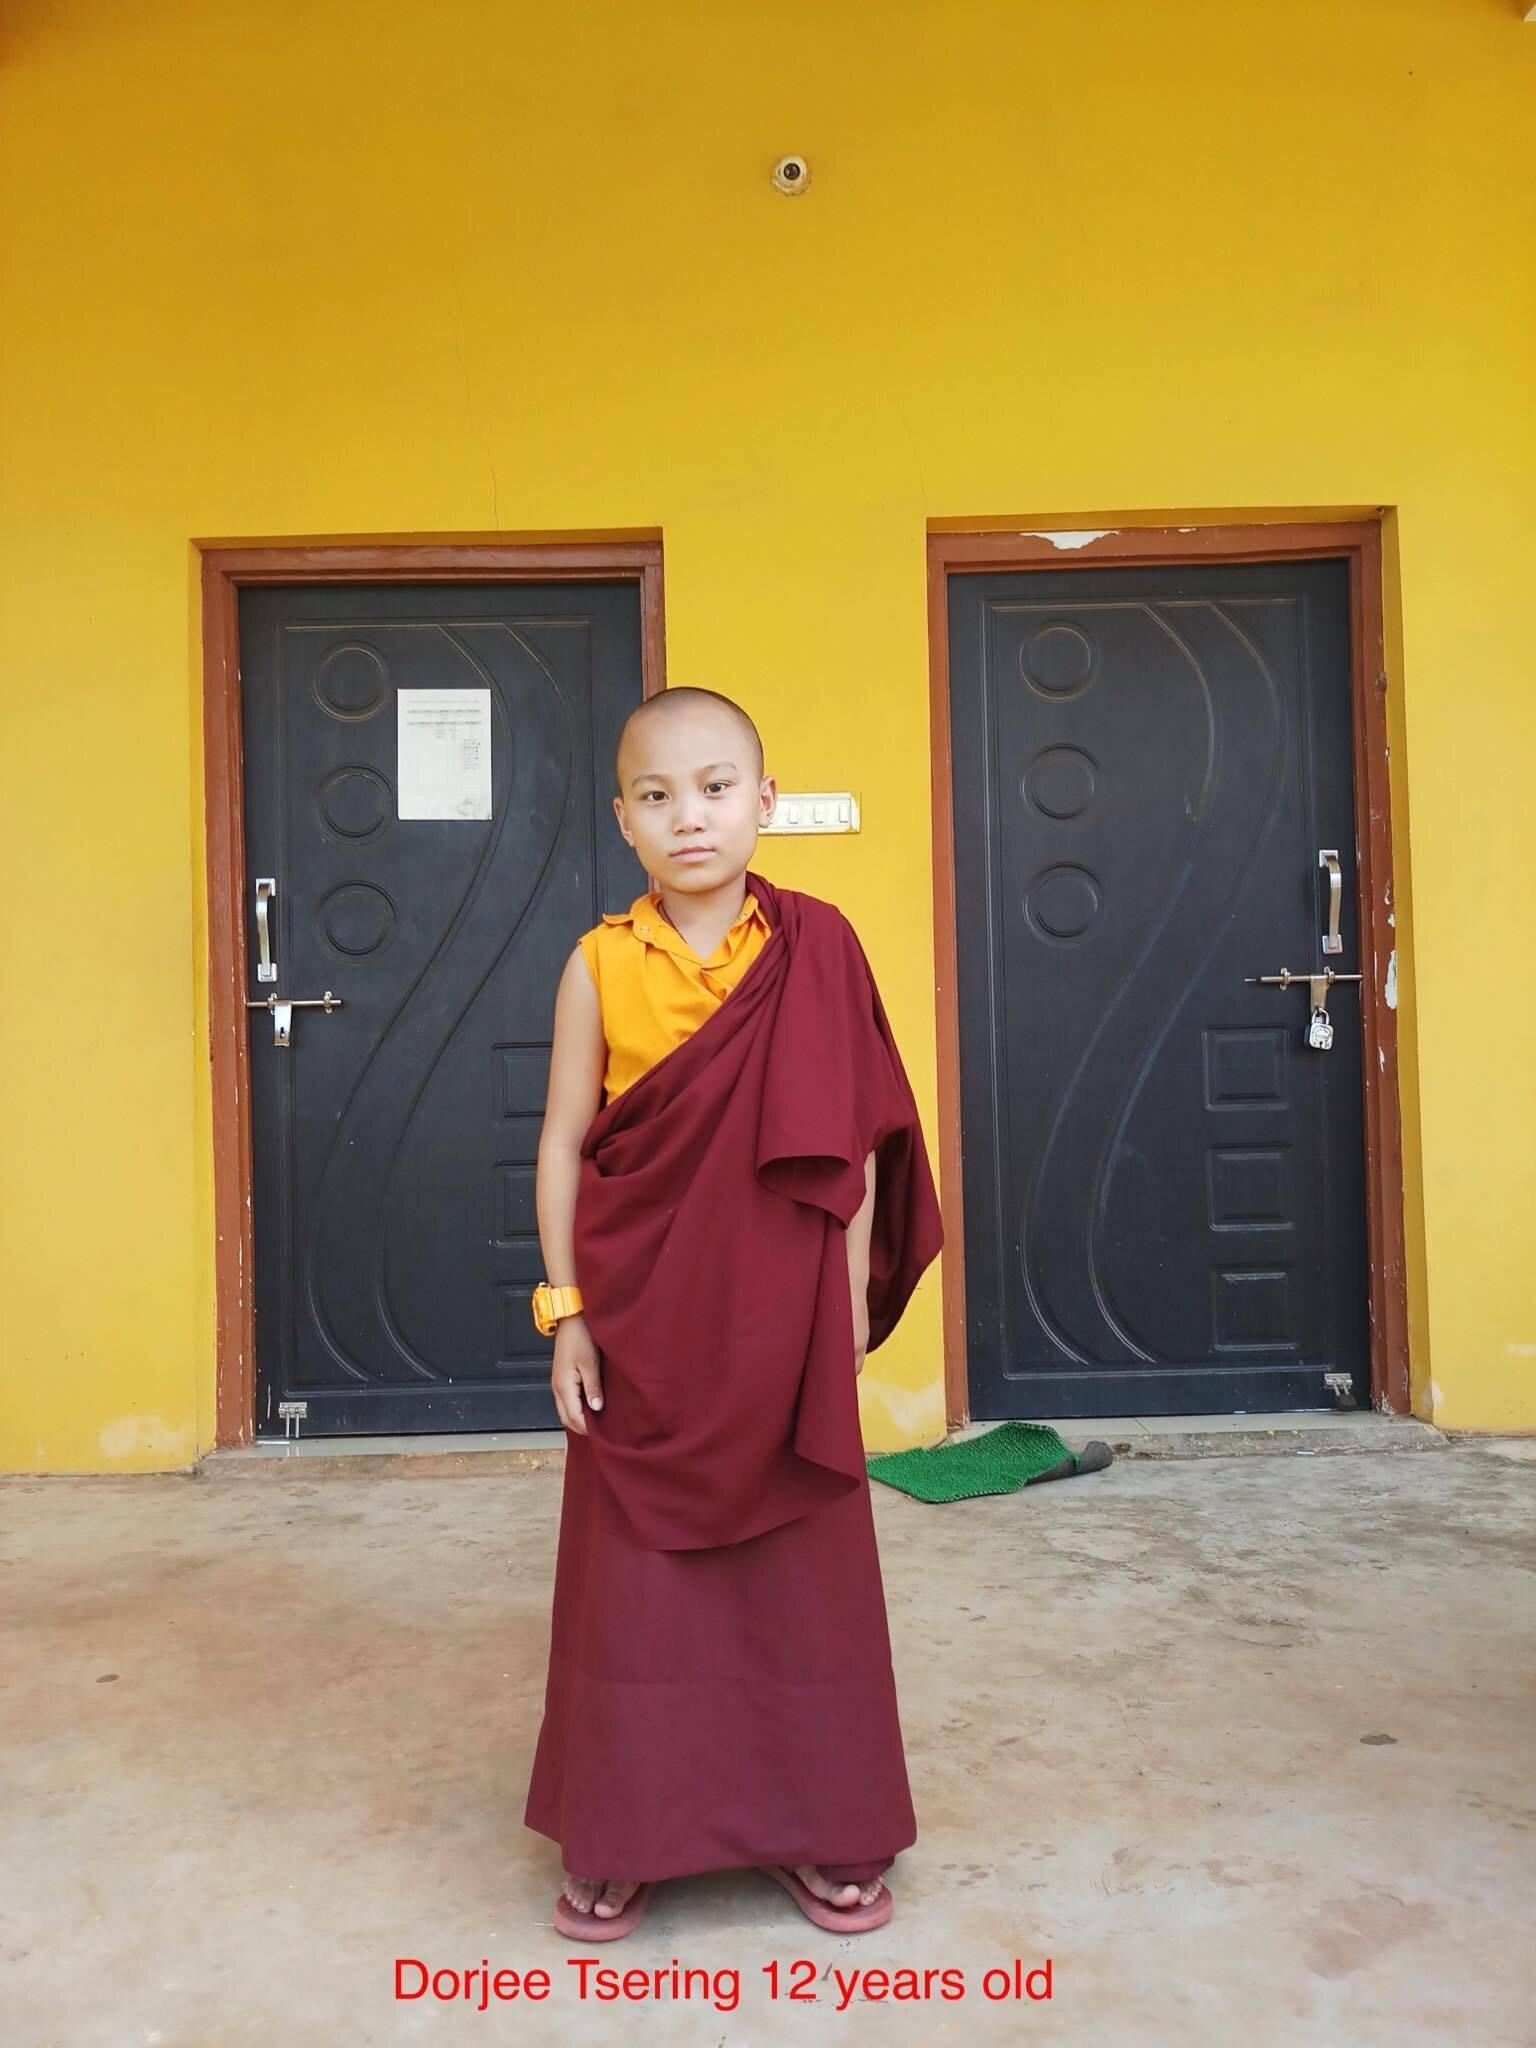 Monk_Dorjee_Tsering_12yrs_old.jpg